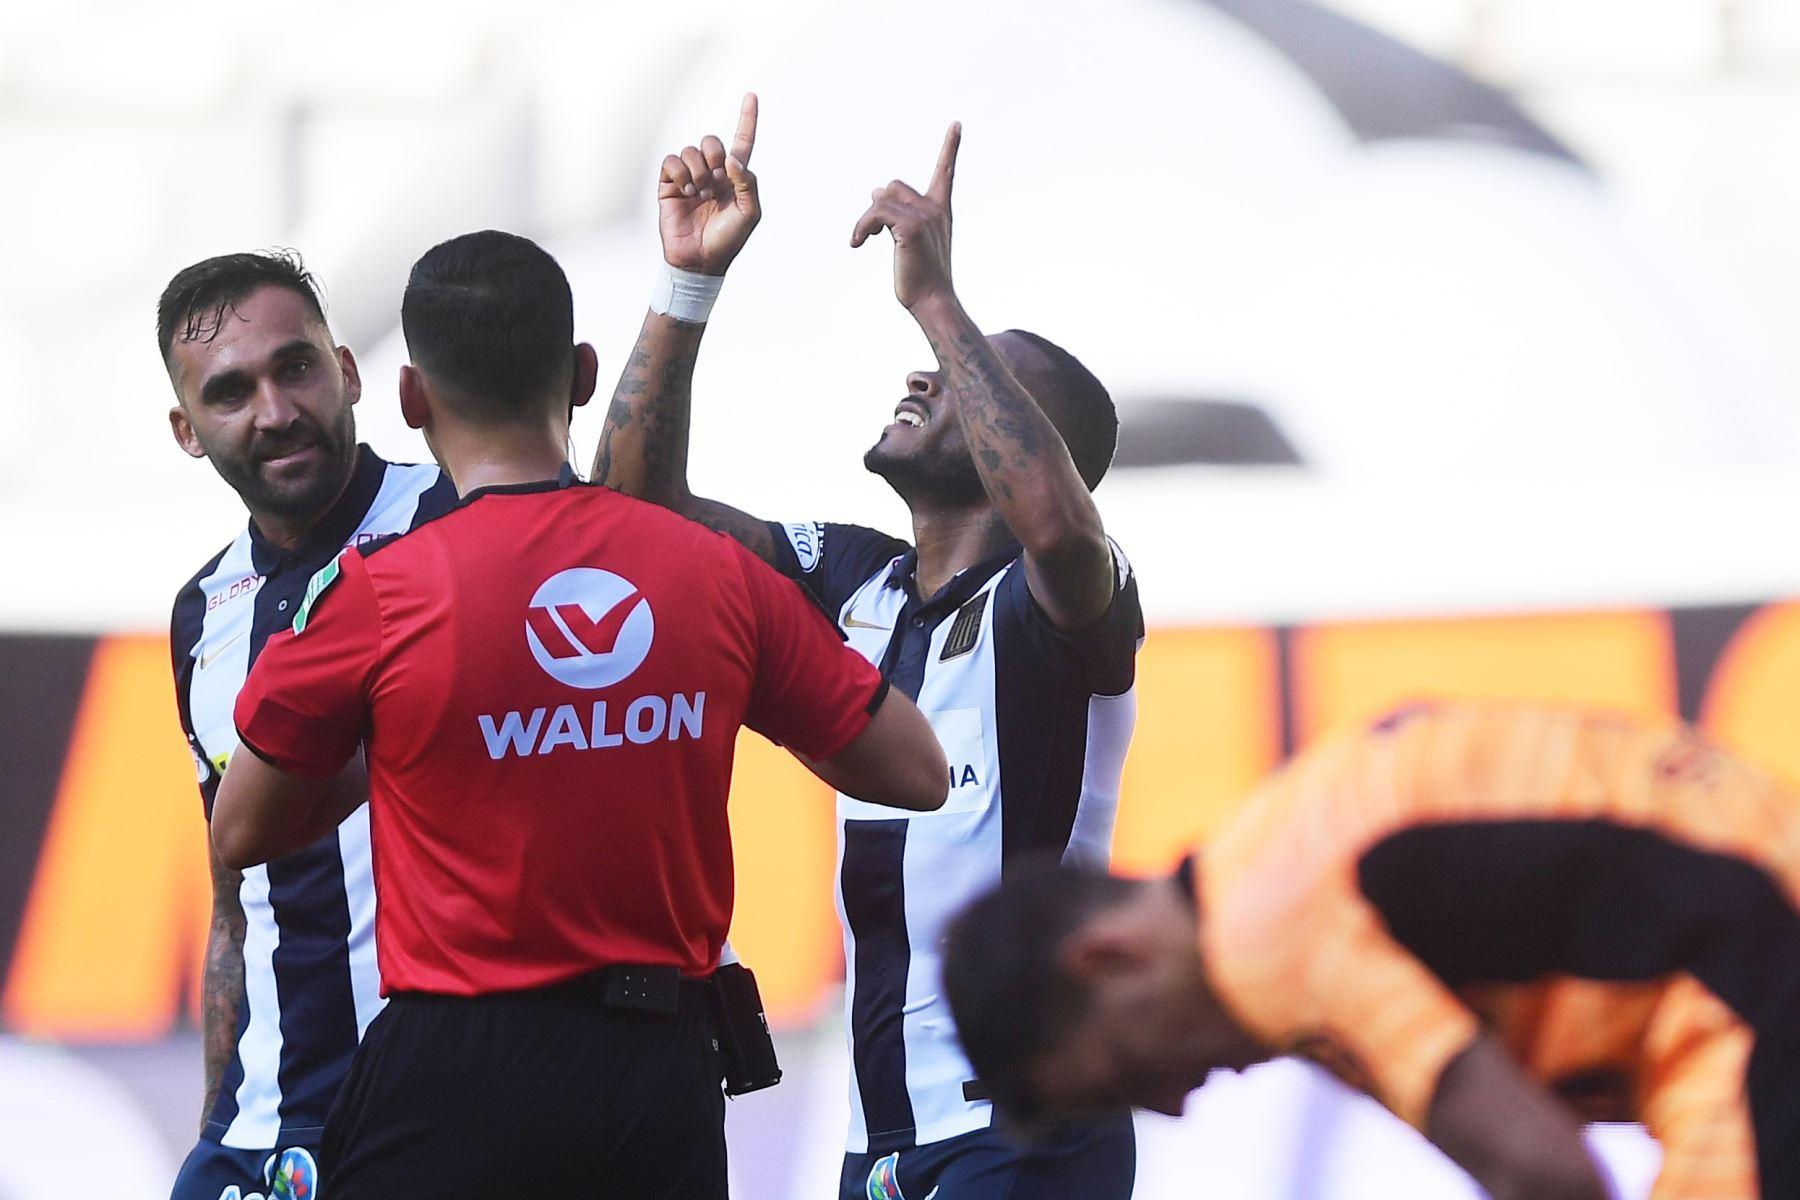 El jugador W. Aguirre de Alianza Lima celebra su gol anotado ante el club Cristal  por la sexta fecha de la fase 1, en el estadio Nacional .  Foto: Liga 1